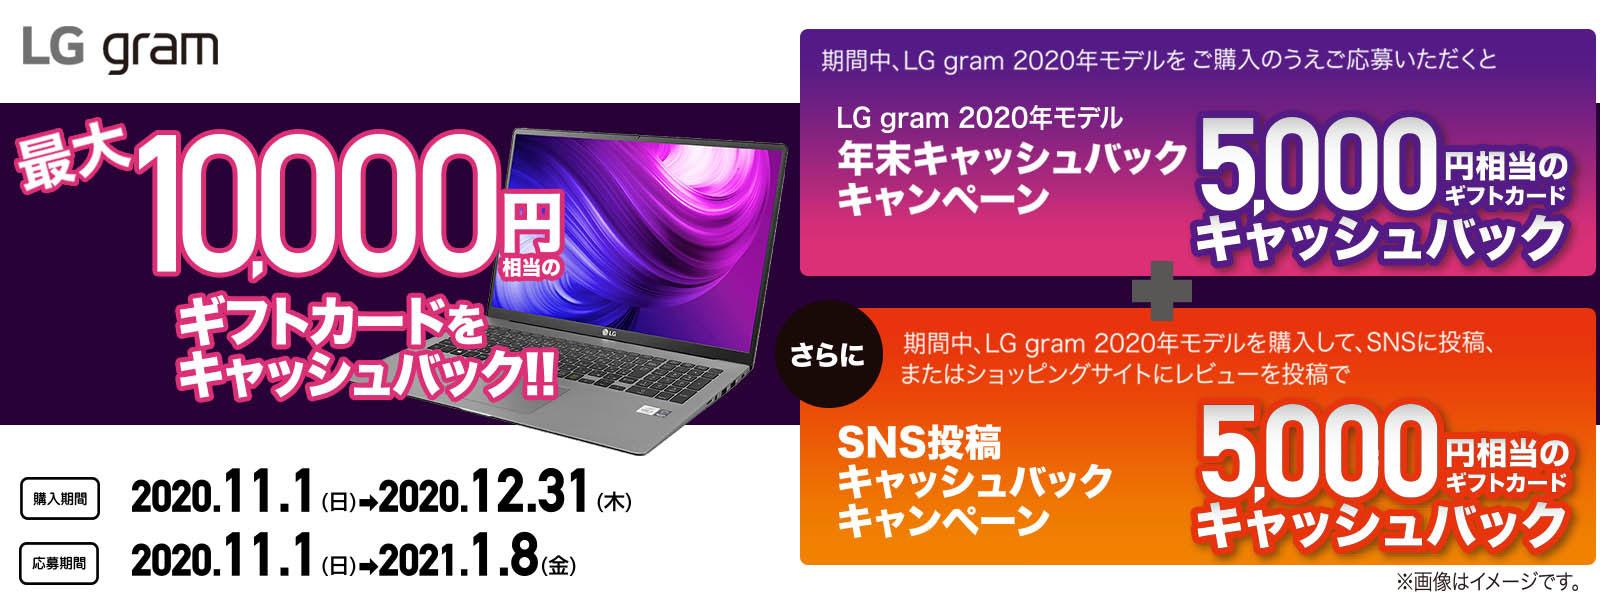 『LG gram 2020年モデル 年末キャッシュバックキャンペーン』を実施 11月1日(日)から12月31日(木)までのご購入で最大10,000円相当のギフトカードをキャッシュバック